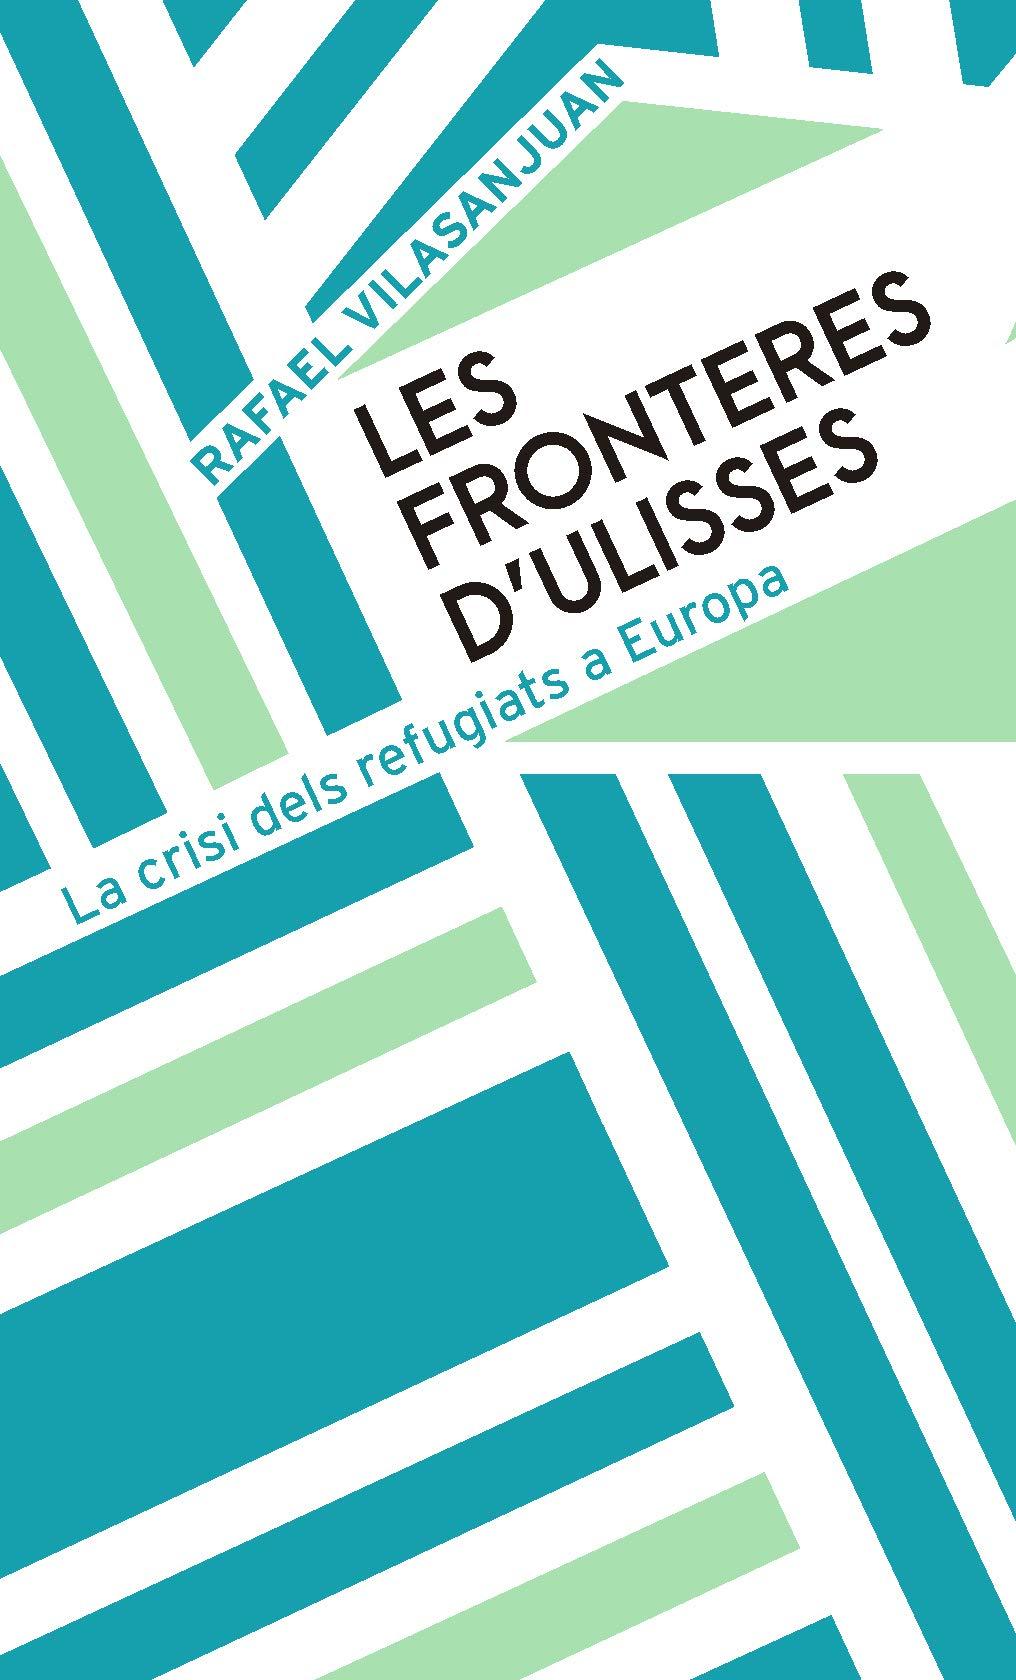 https://www.laie.es/es/libro/les-fronteres-d-ulises/9788491910480/898924